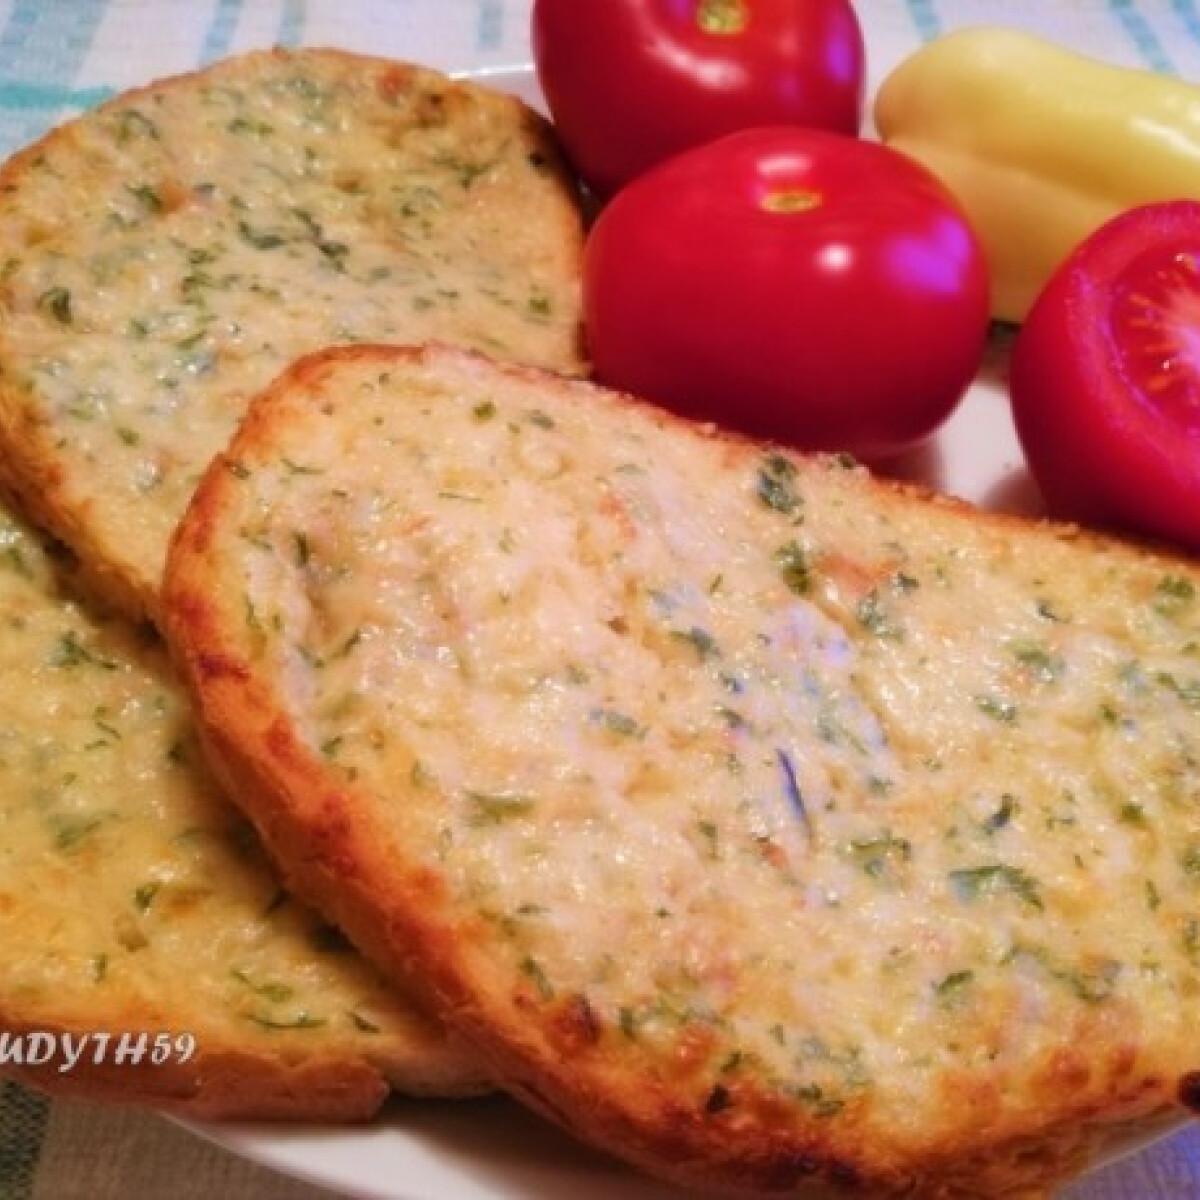 Ezen a képen: Sajtos-vajas fokhagymakrém melegszendvicsre/szendvicsre